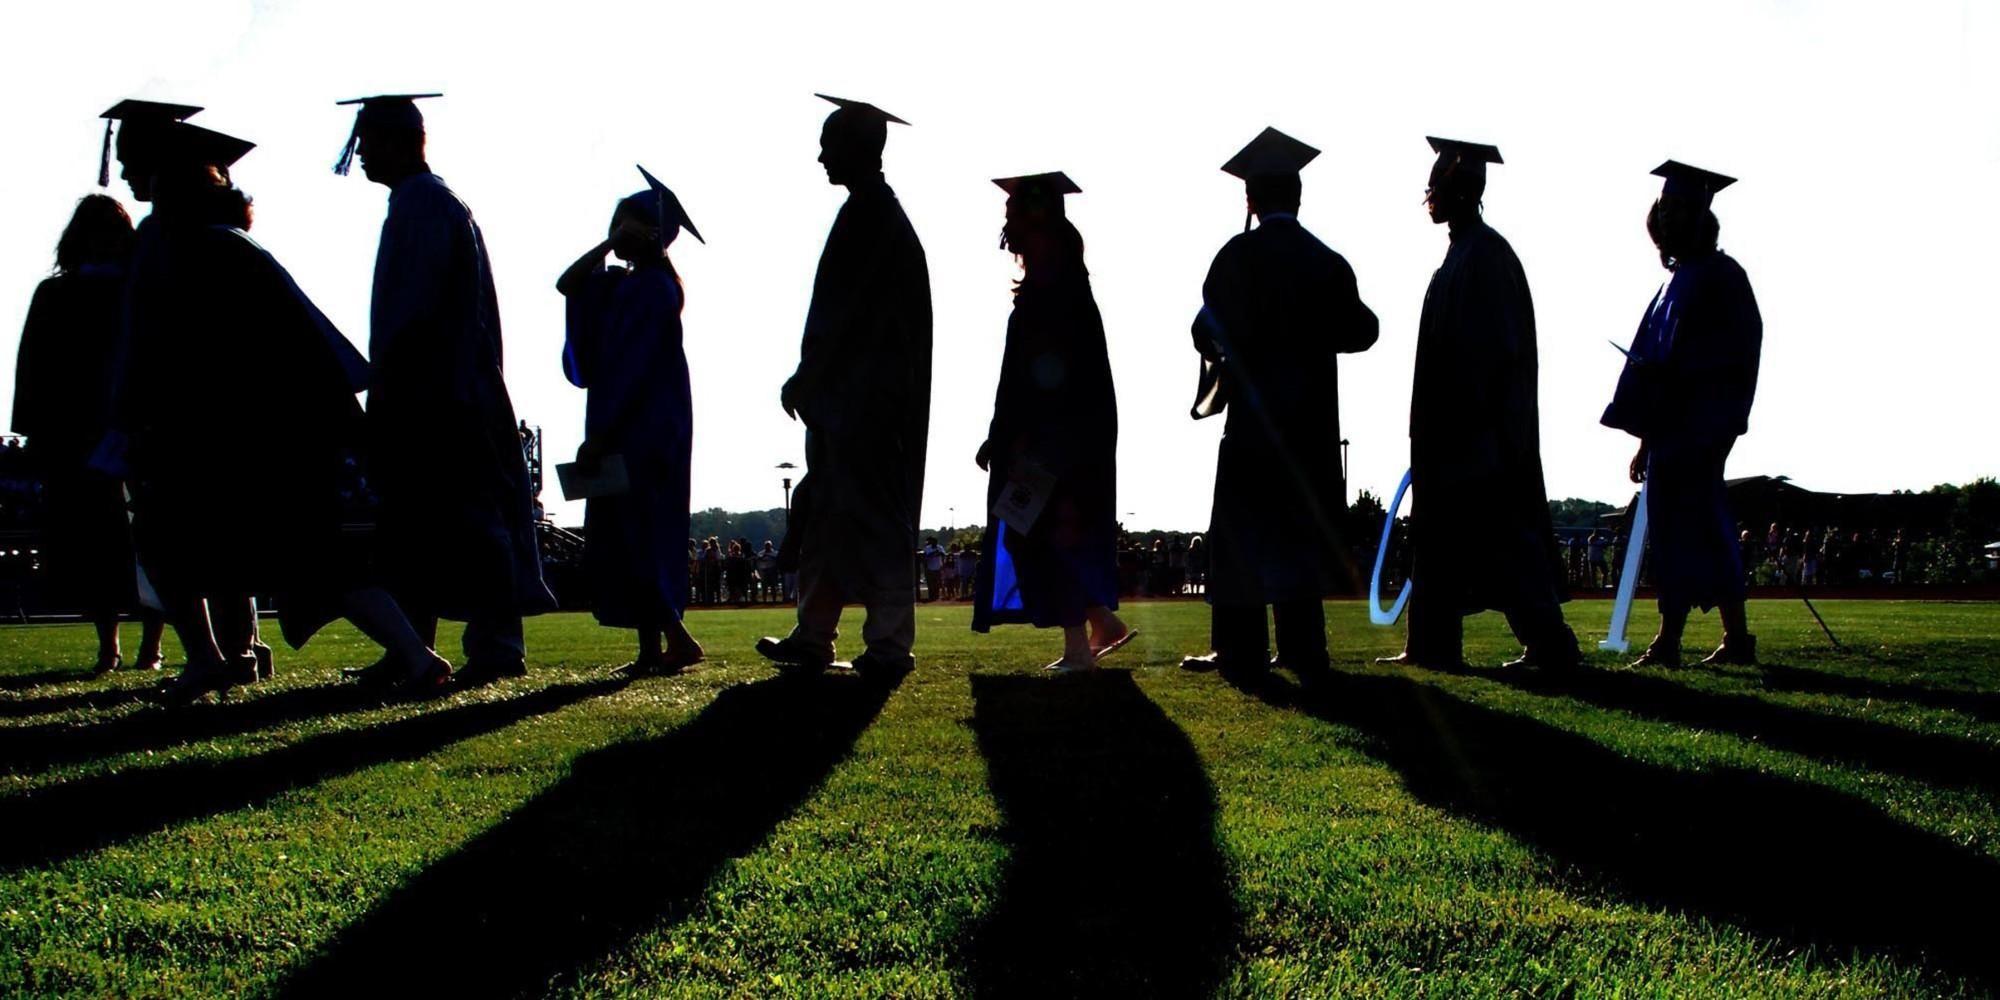 تفسير حلم الدراسة في الجامعة للعزباء والمتزوجة والحامل والرجل زيادة